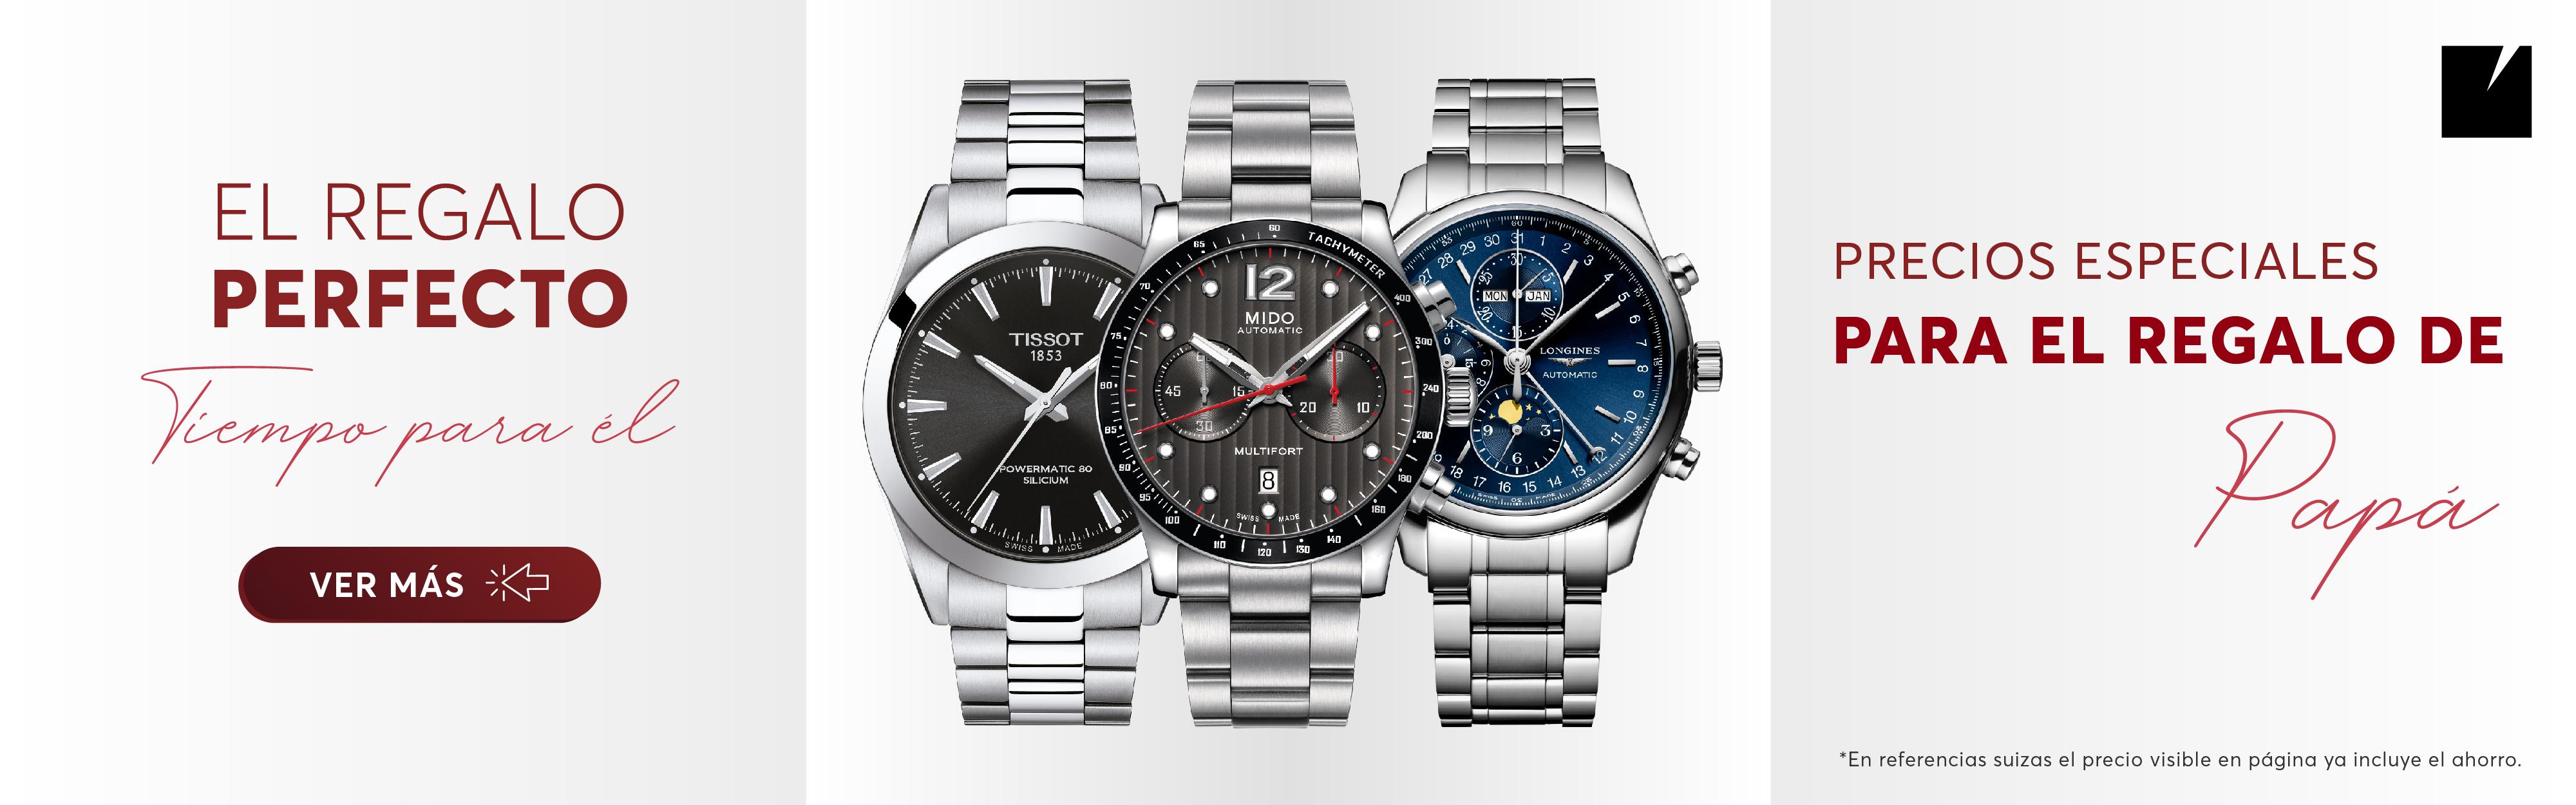 Tiempo para ellos - Precios especiales en relojes de las mejores marcas